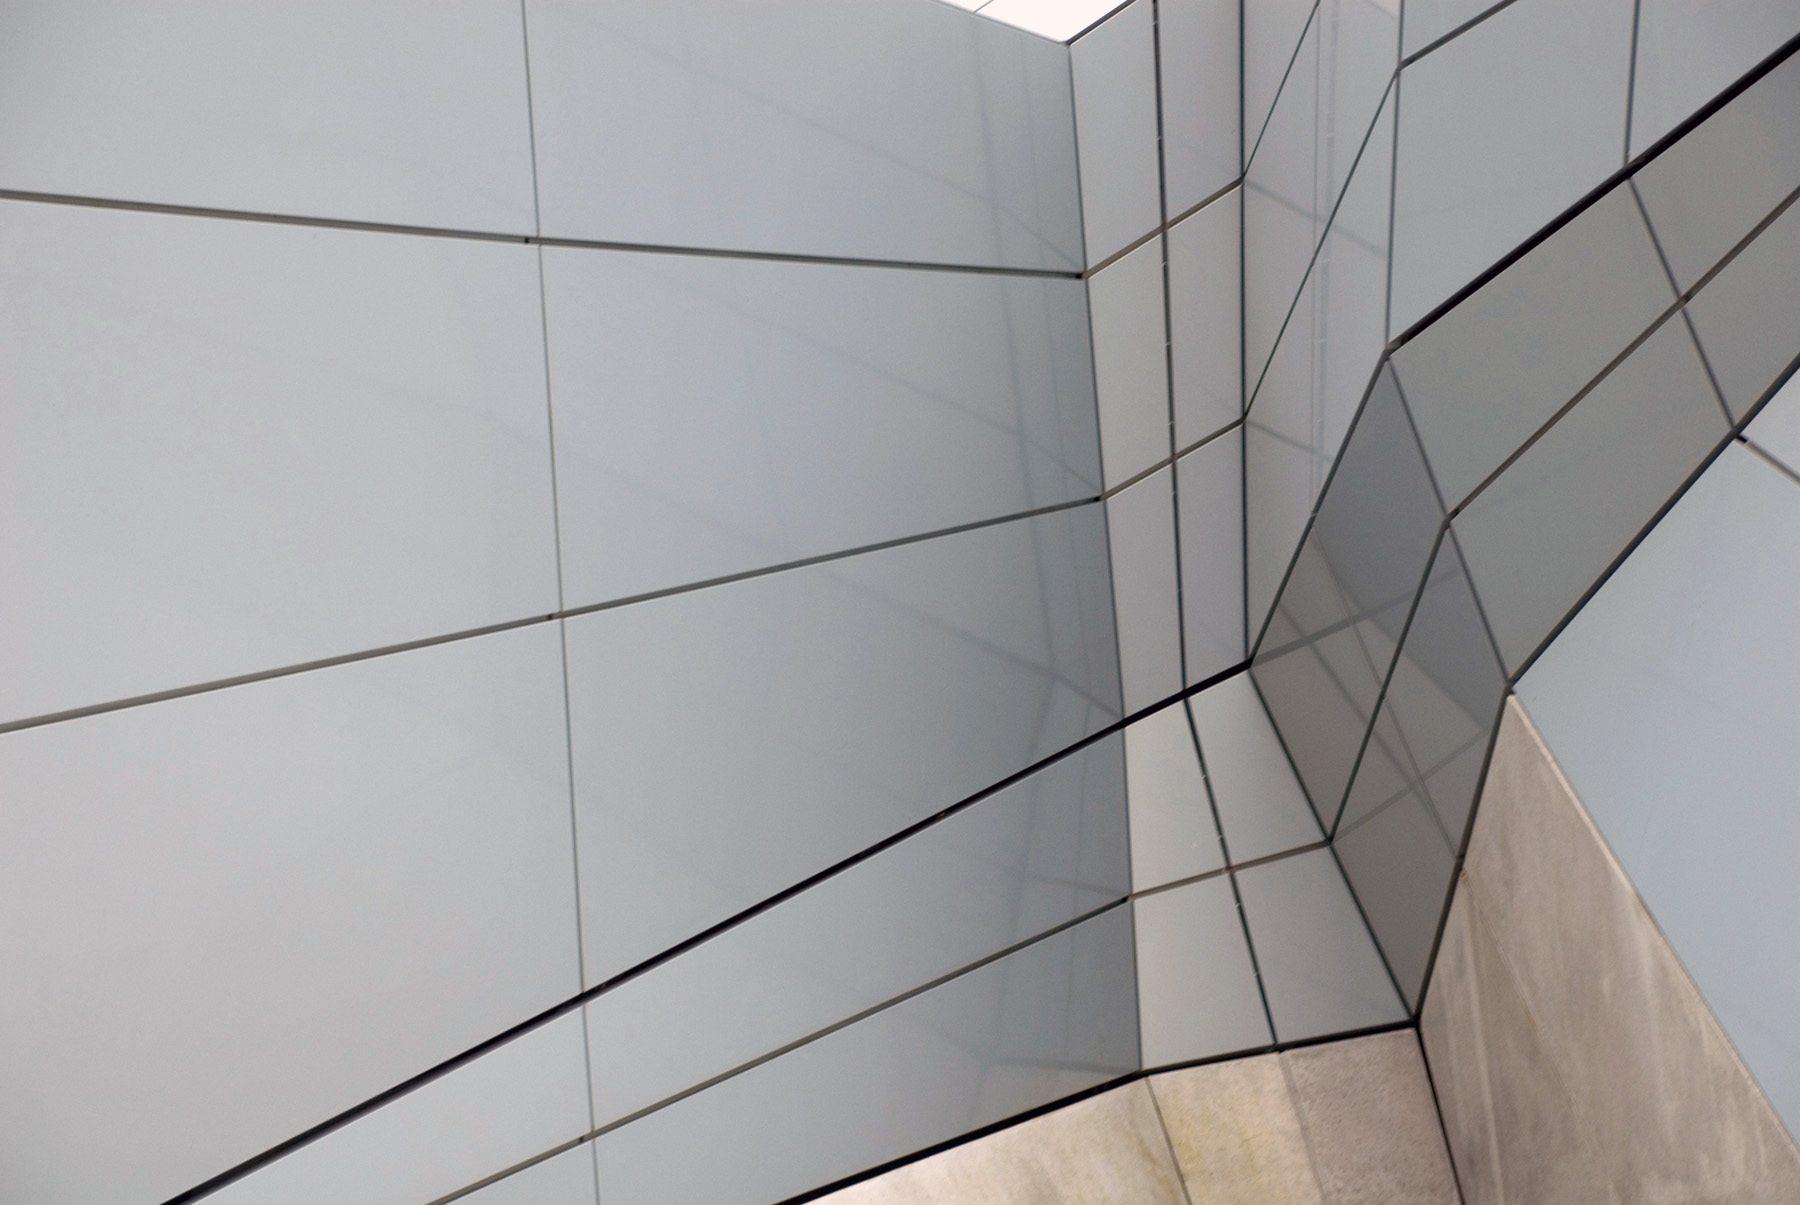 Orléans. Die röhrenförmige Metallstruktur besteht außen aus teilweise perforierten Aluminium-Paneelen ...